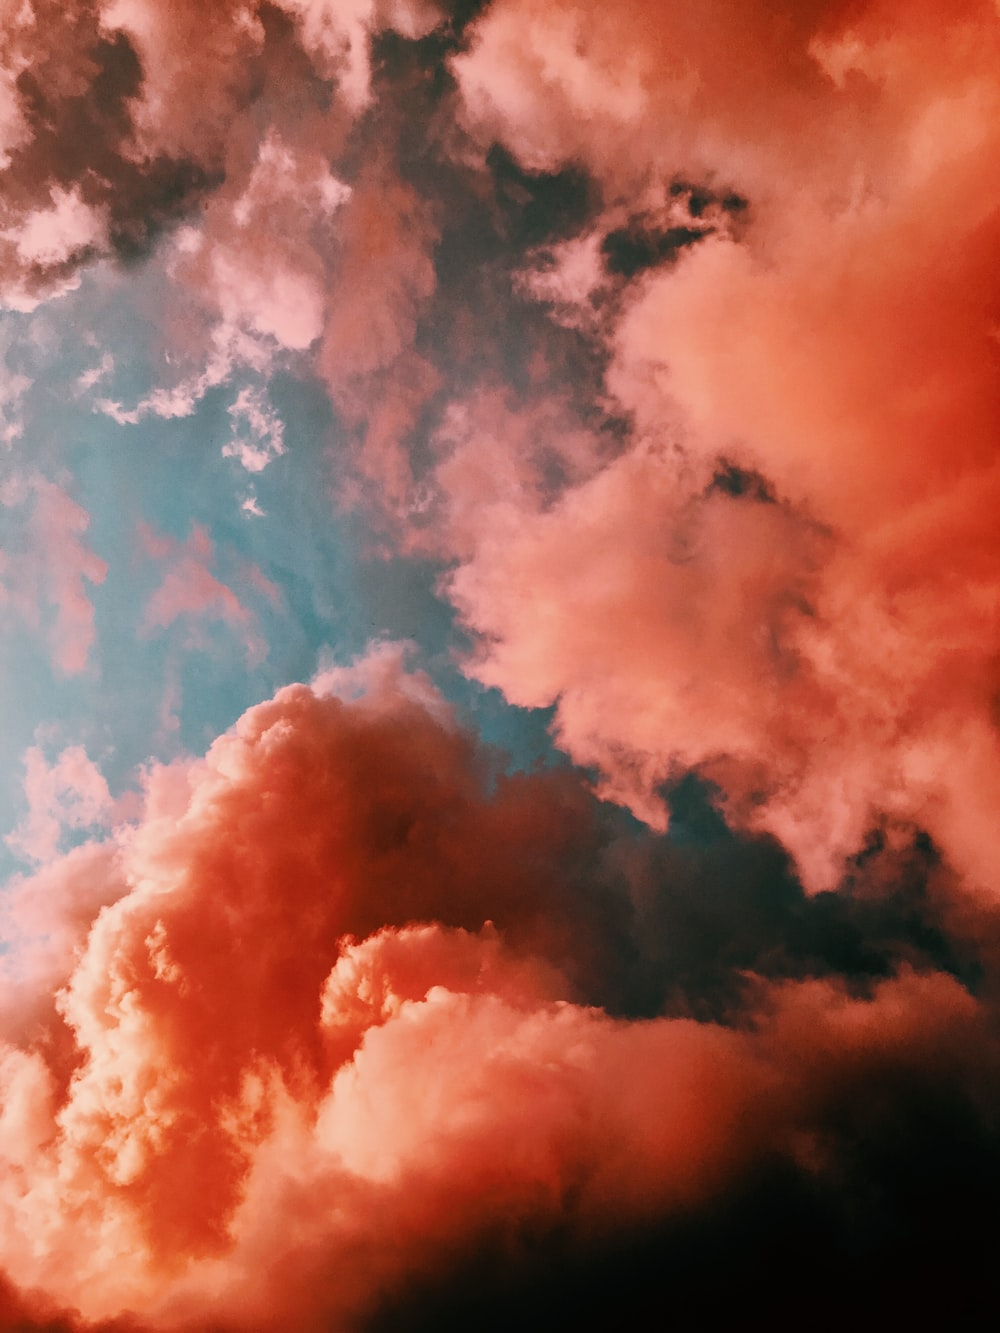 orange smoke on blue background